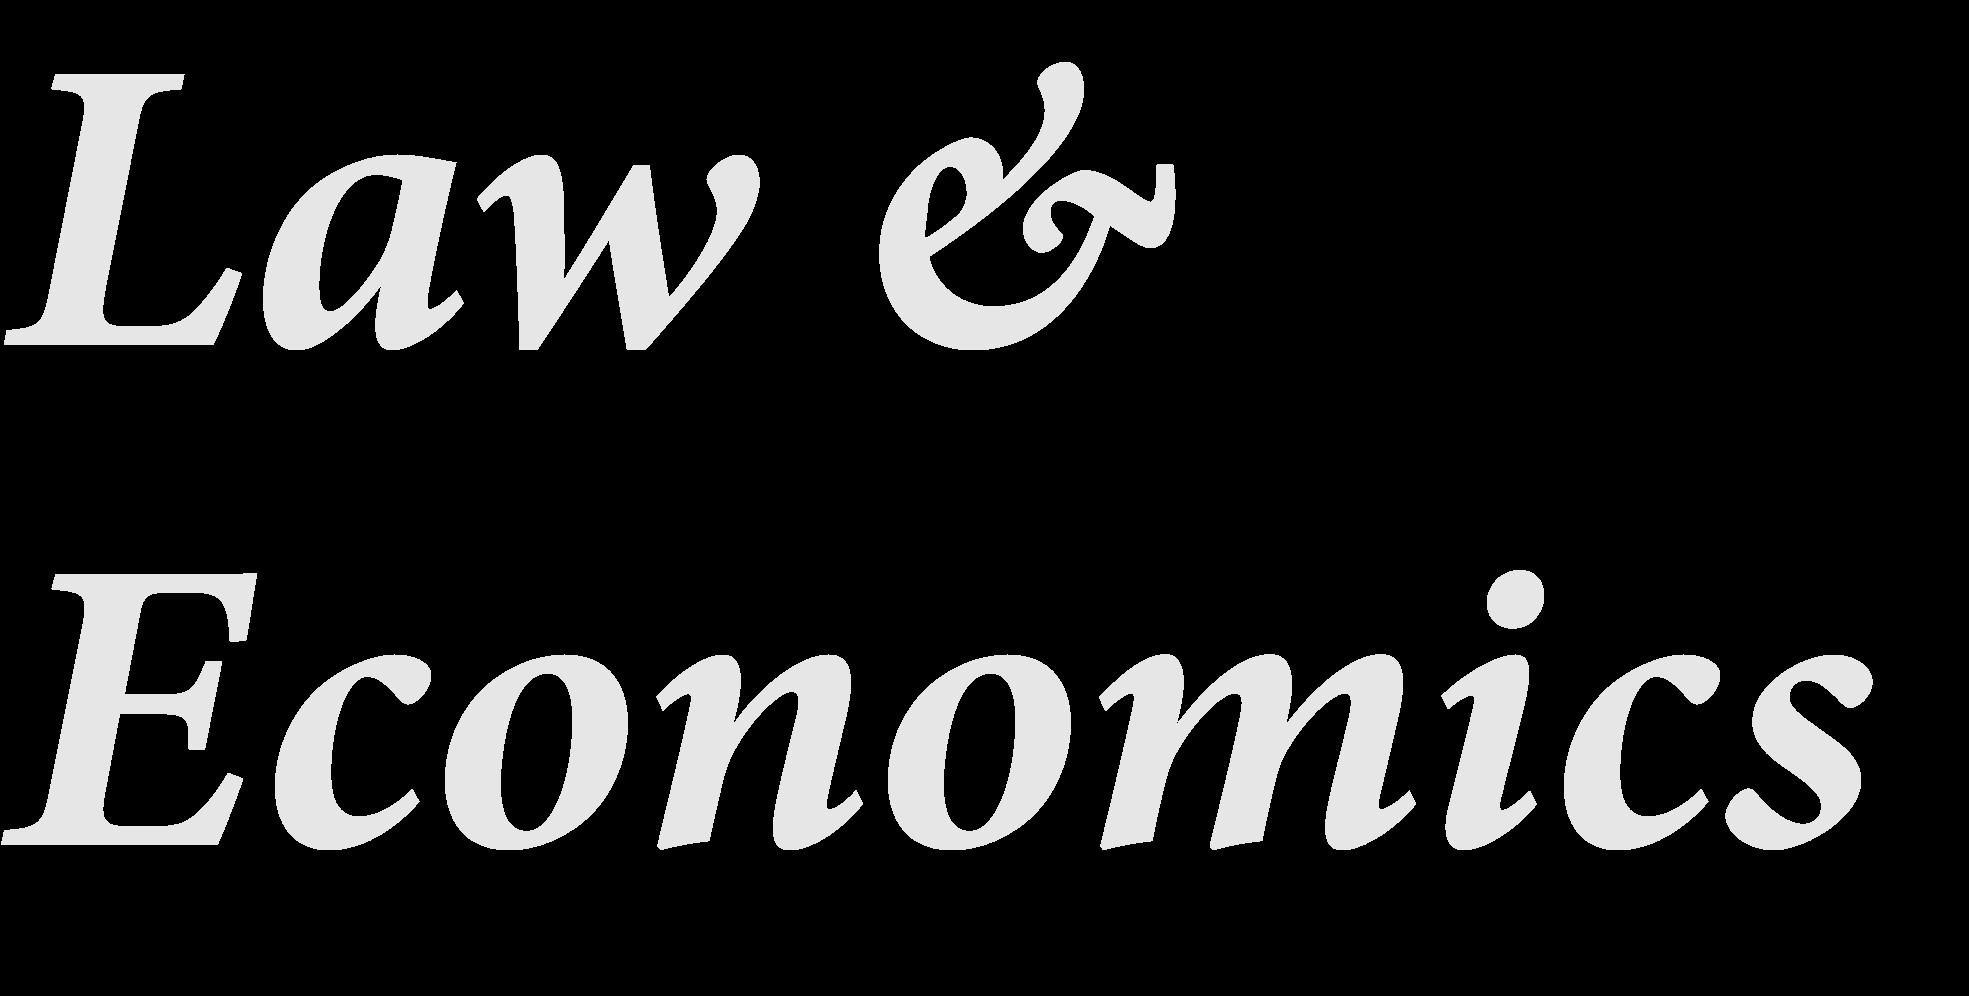 law and economics logo